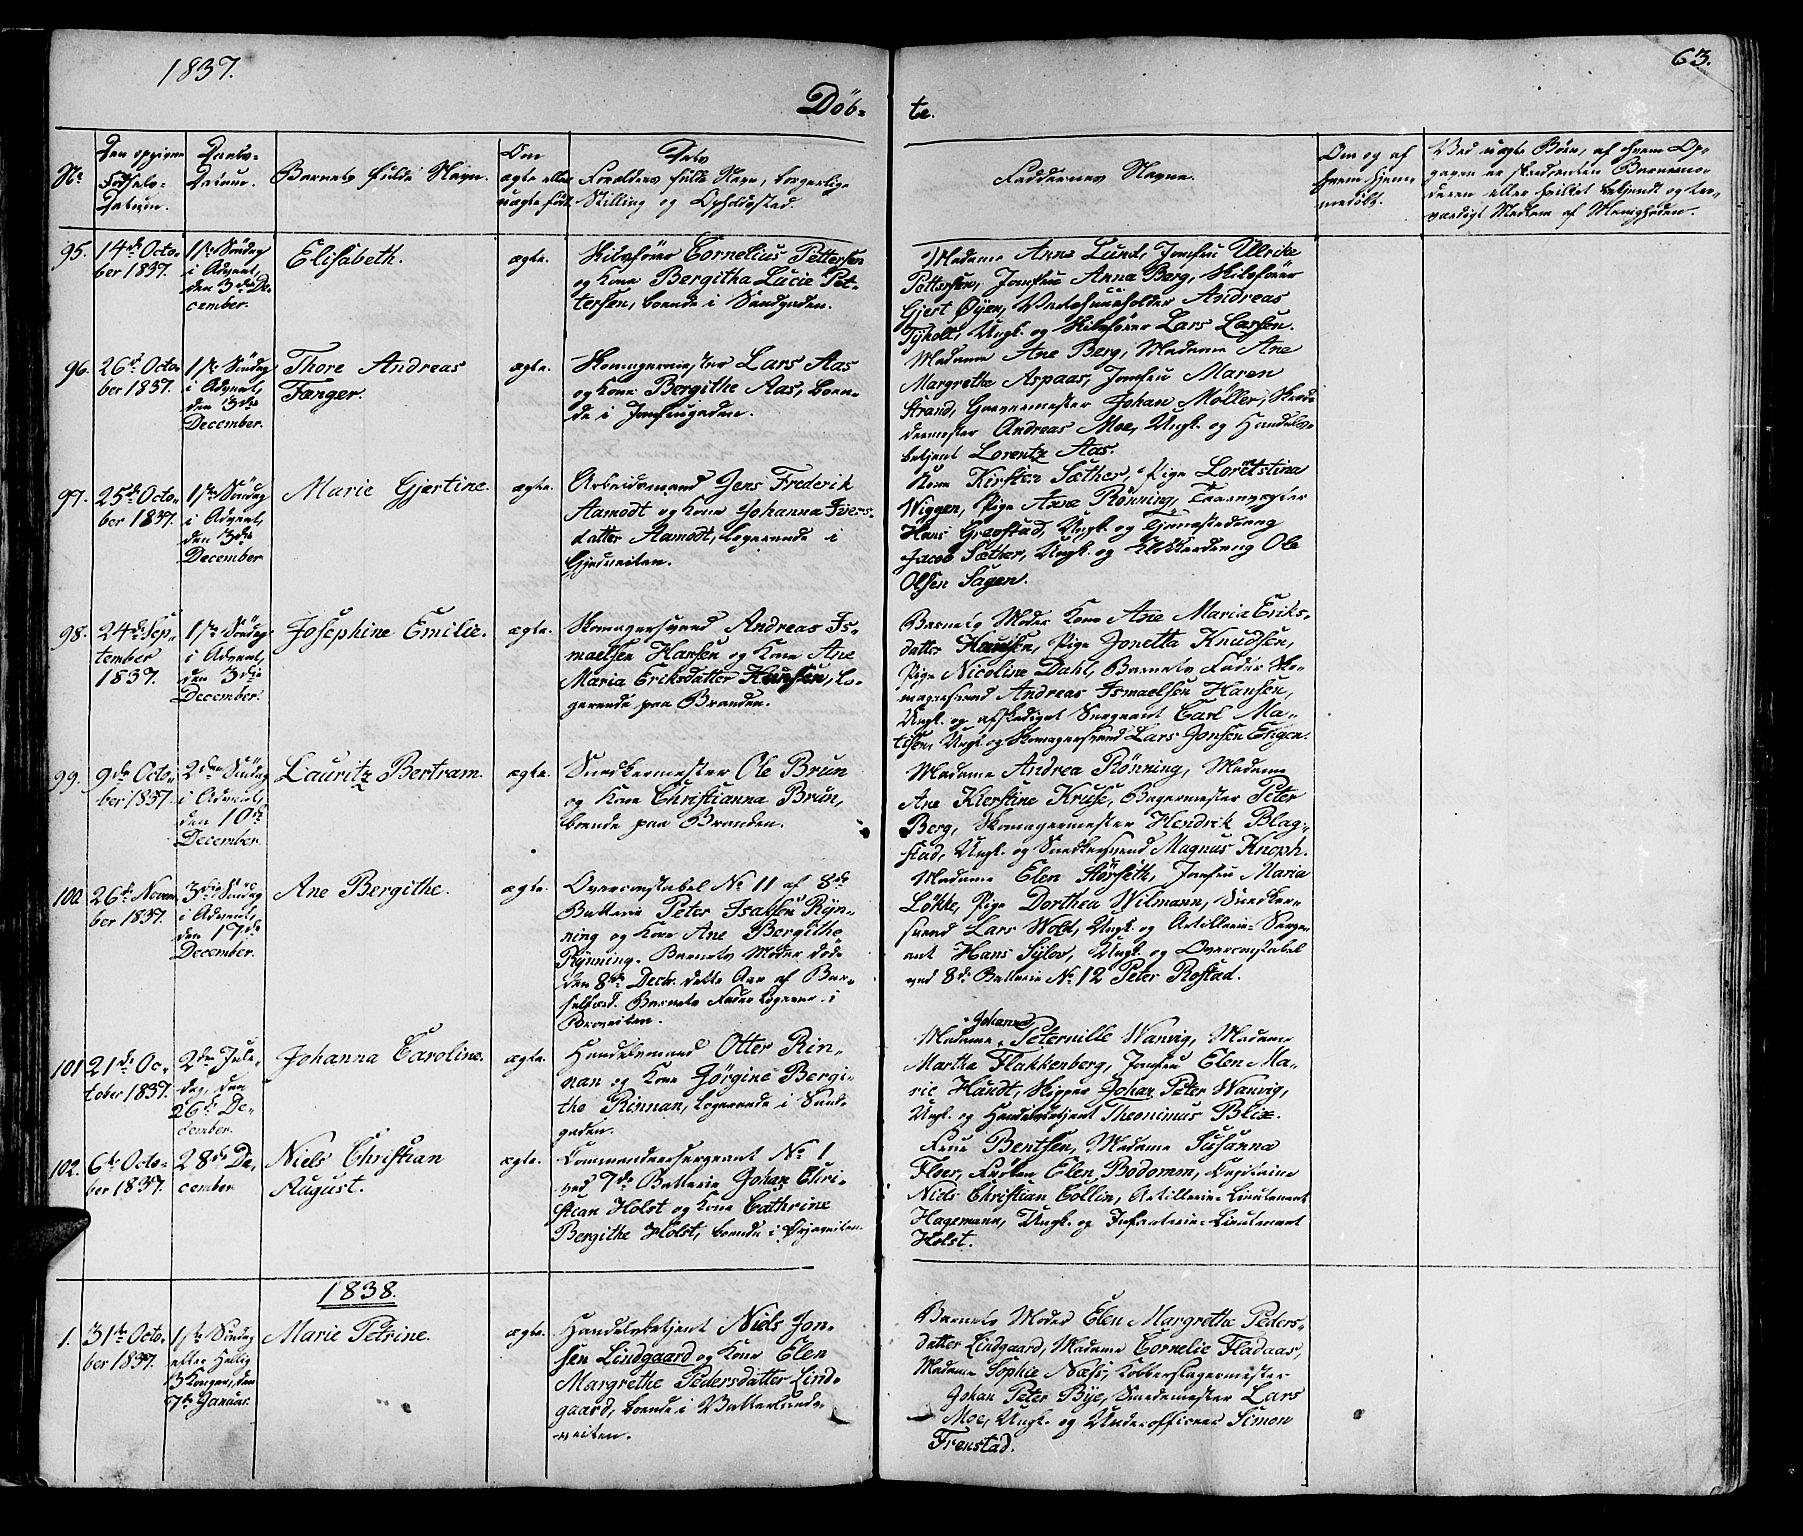 SAT, Ministerialprotokoller, klokkerbøker og fødselsregistre - Sør-Trøndelag, 602/L0136: Klokkerbok nr. 602C04, 1833-1845, s. 63